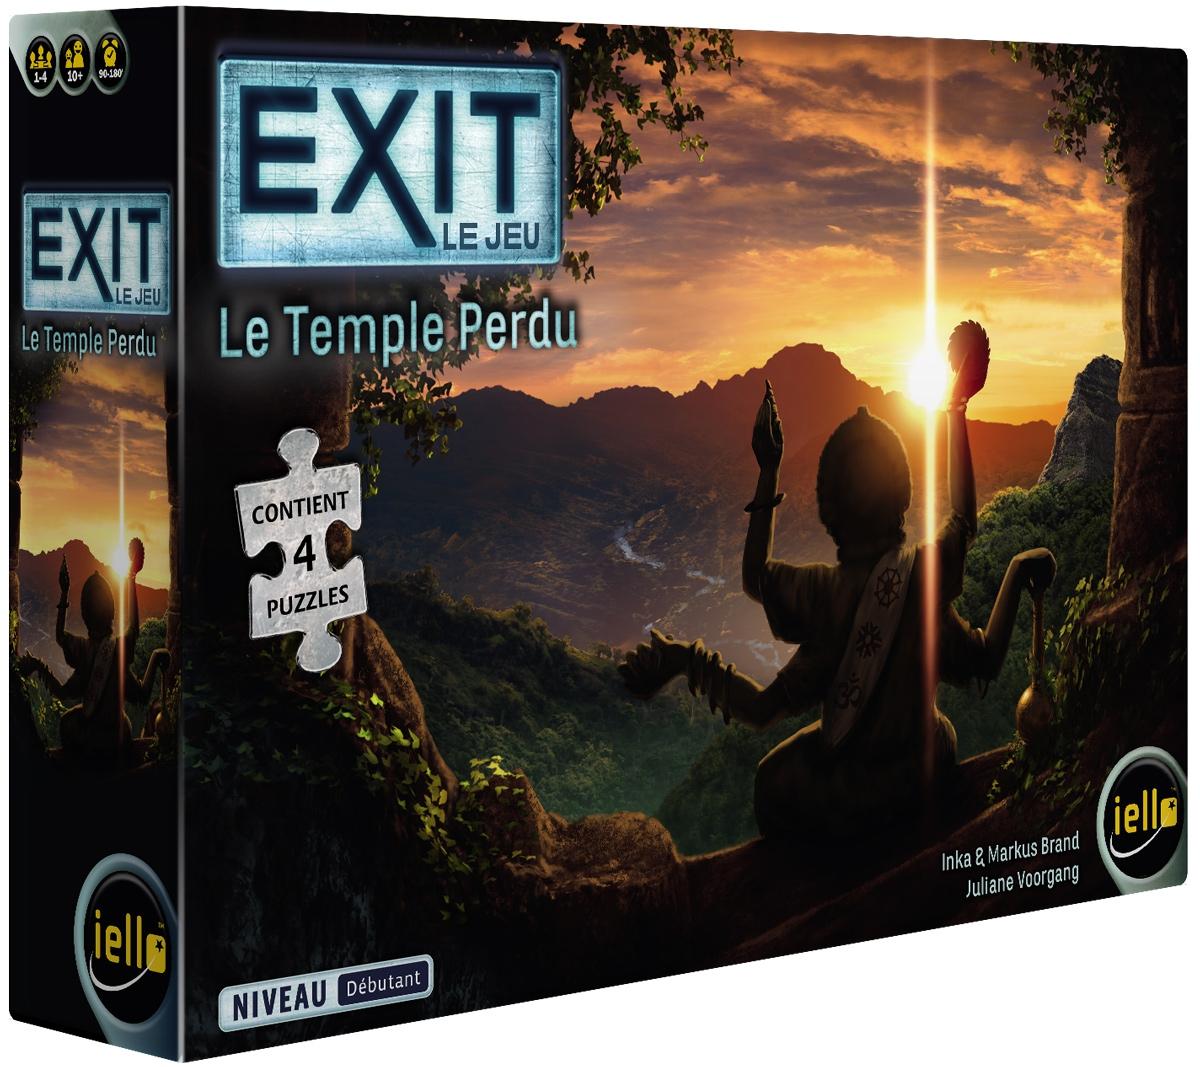 Boite de Exit Puzzle - Le Temple Perdu